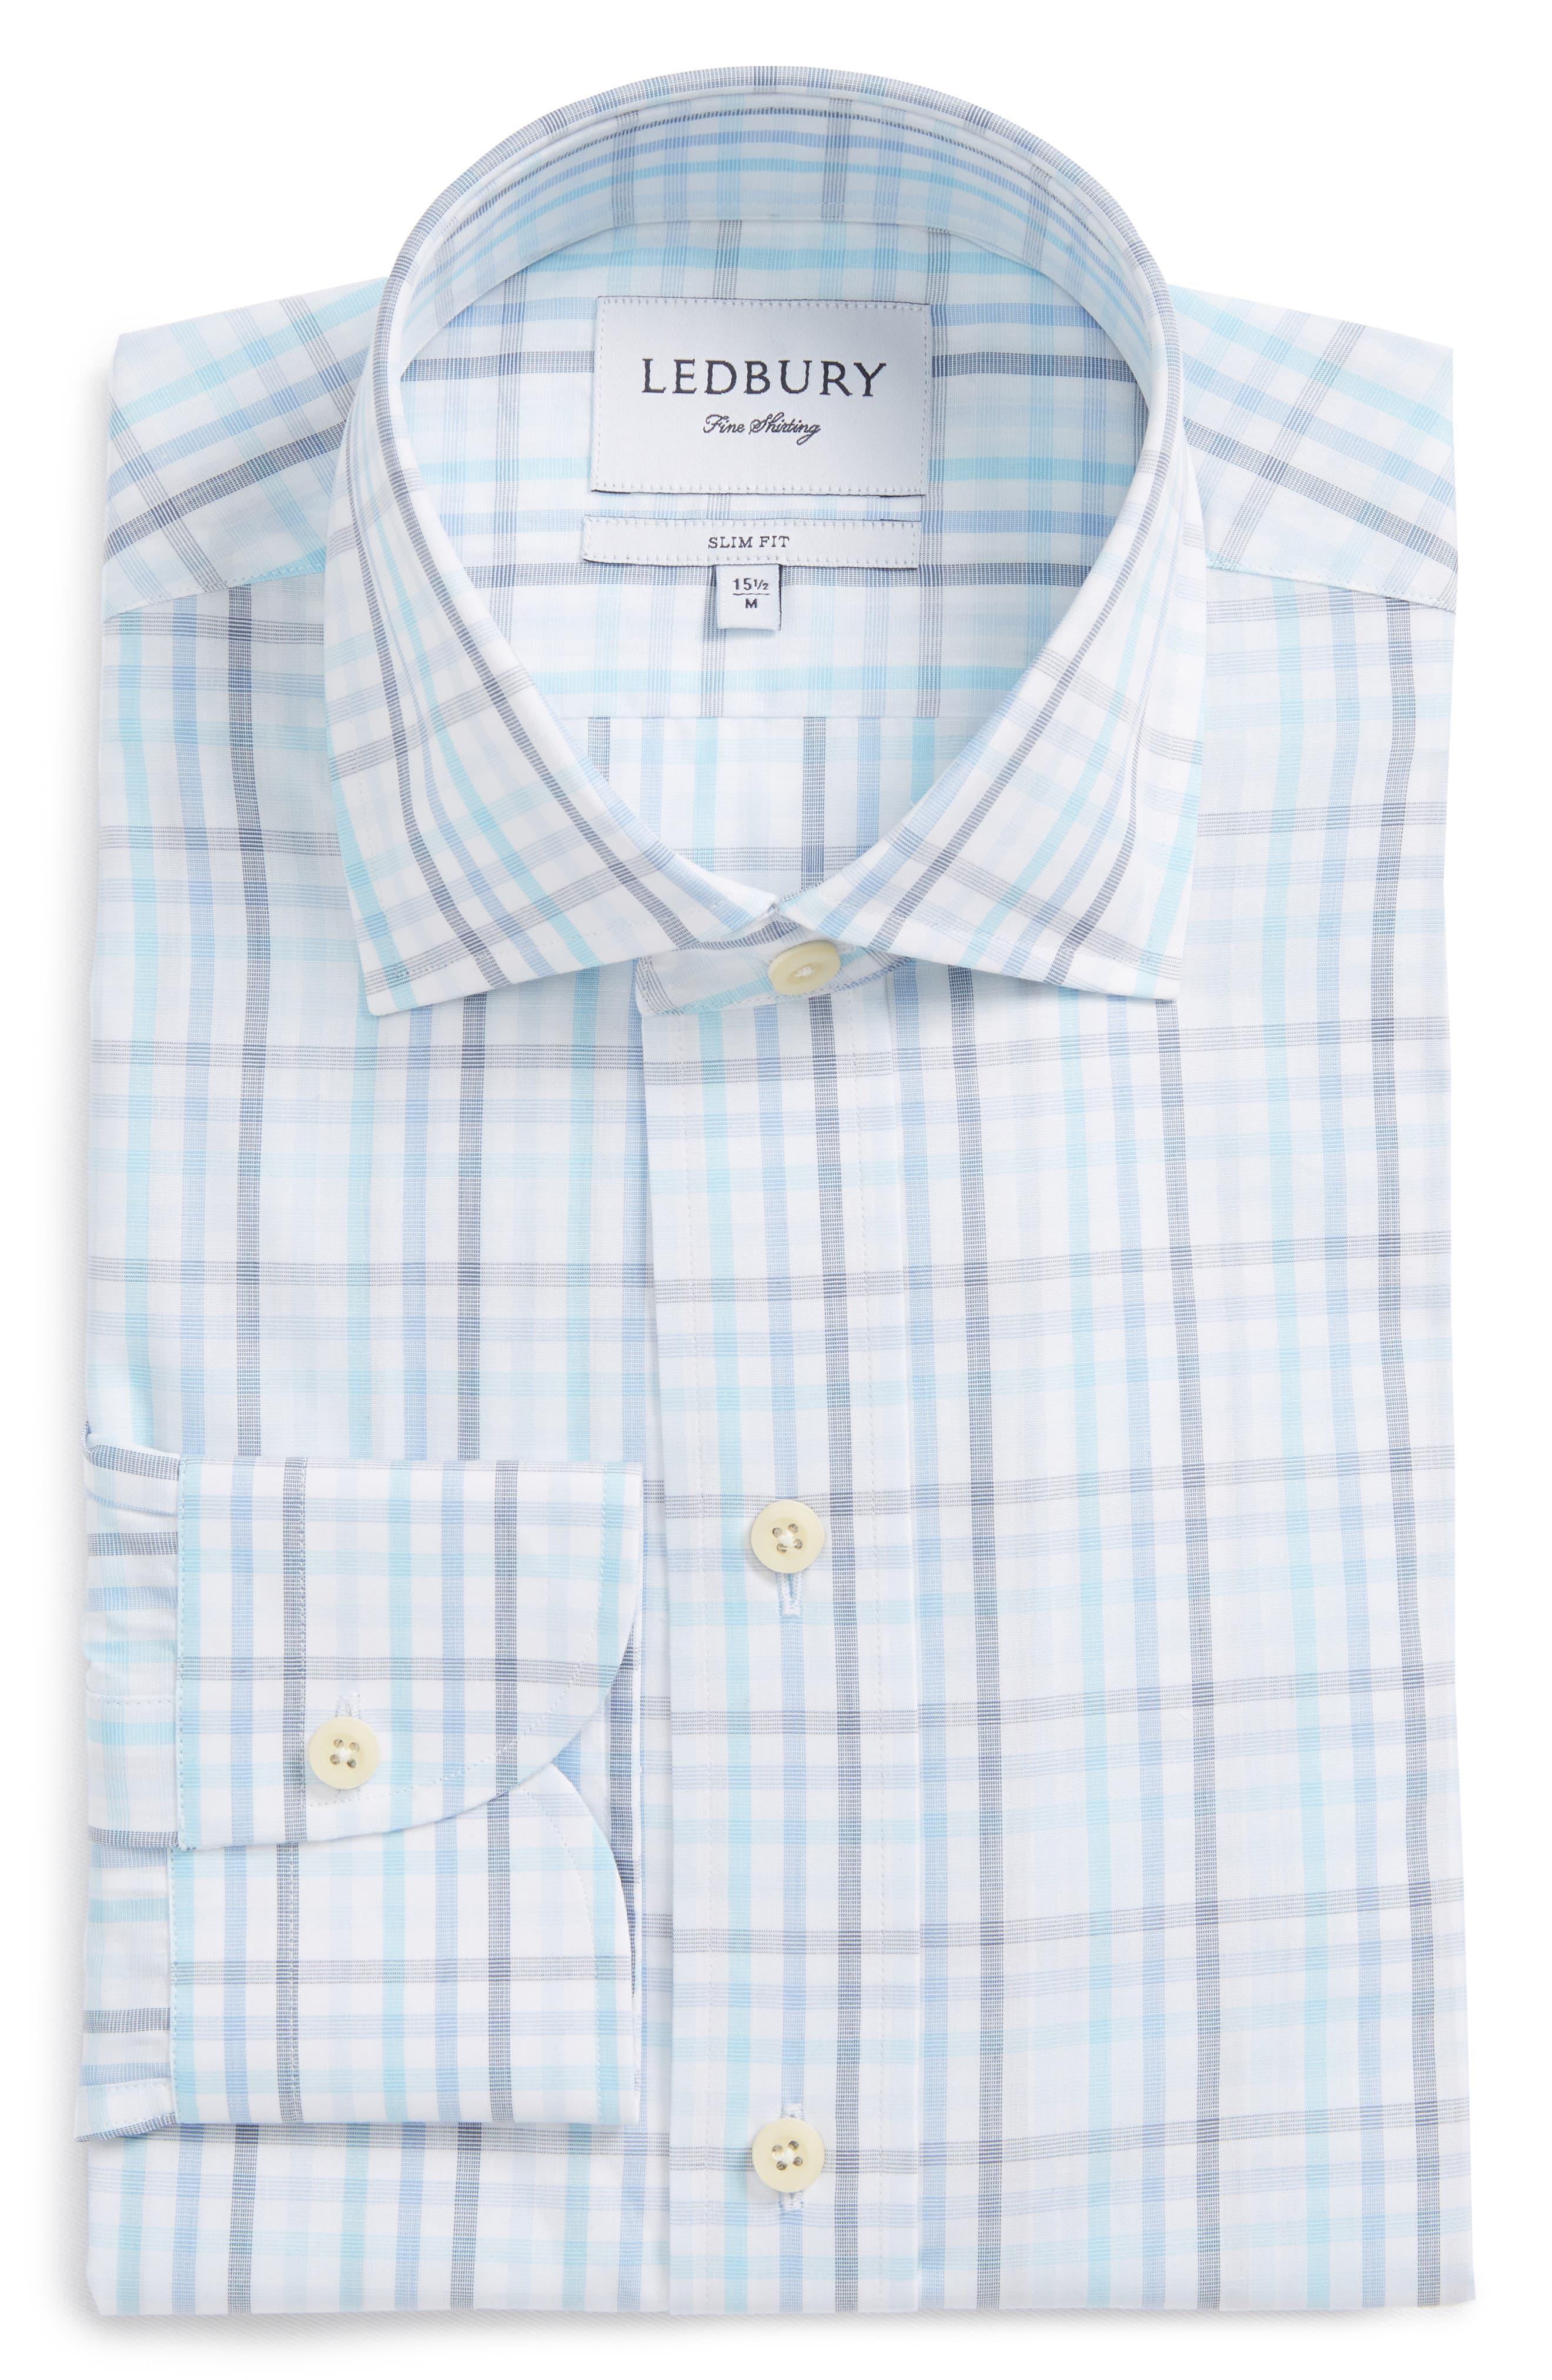 Pelton Slim Fit Check Dress Shirt,                             Alternate thumbnail 6, color,                             Turquoise/ Aqua